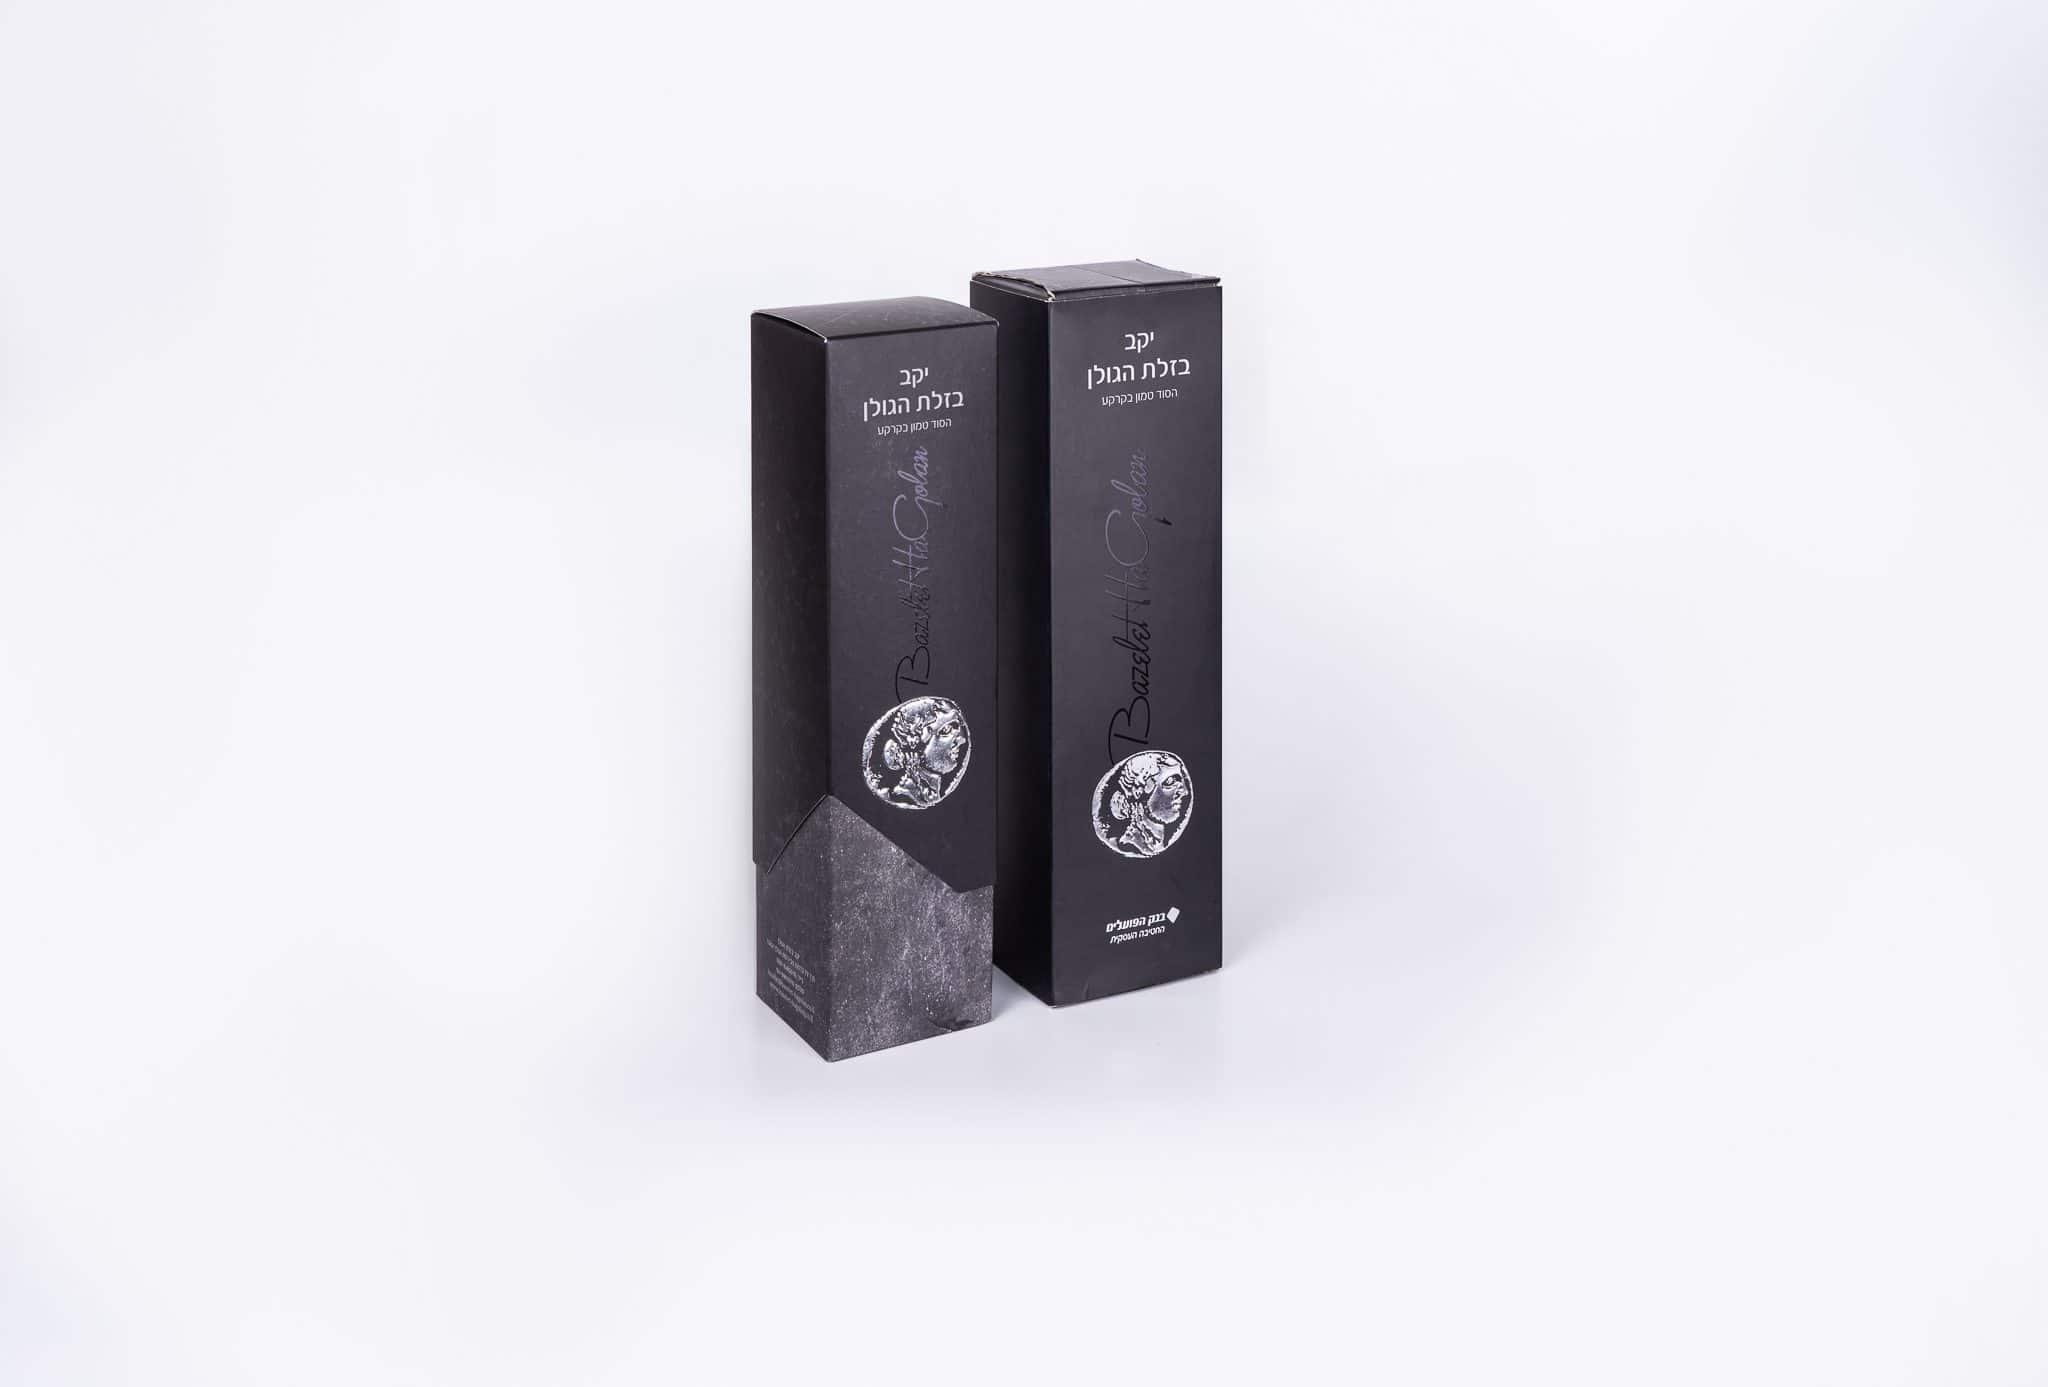 שתי אריזות יוקרתיות מקרטון גלי ומקרטון דחוס לבקבוקי יין של יקב בזלת הגולן. המארזים בצבע שחור עם כתב אפור. יש הבלטה מוזהבת וכסופה על המארז, שטנץ ייחודי לחיתוך וביג מיוחד לקיפול